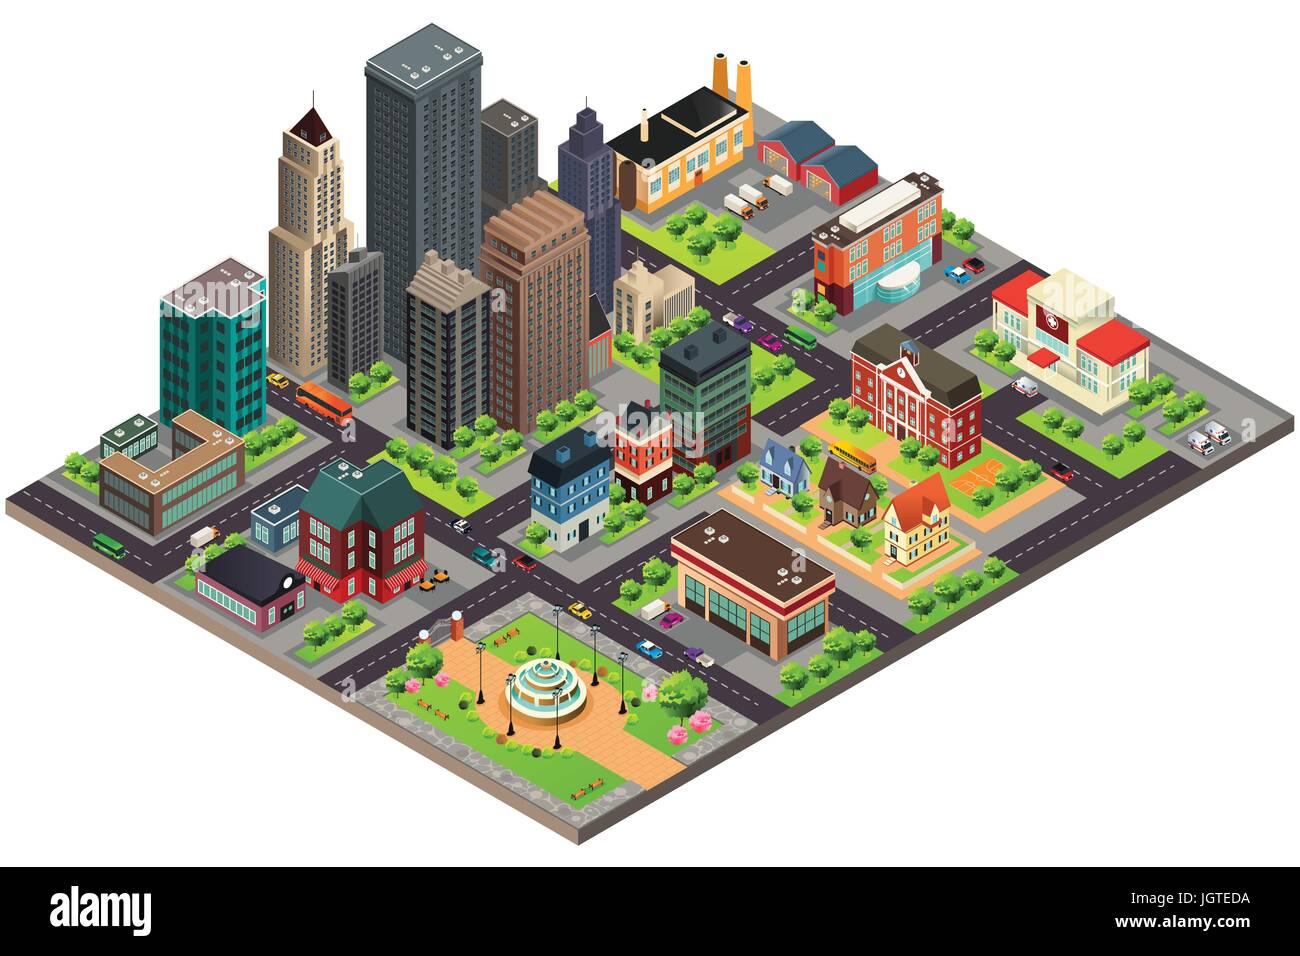 Un vecteur illustration de la tension isométrique Conception de rues et bâtiments de la ville Illustration de Vecteur